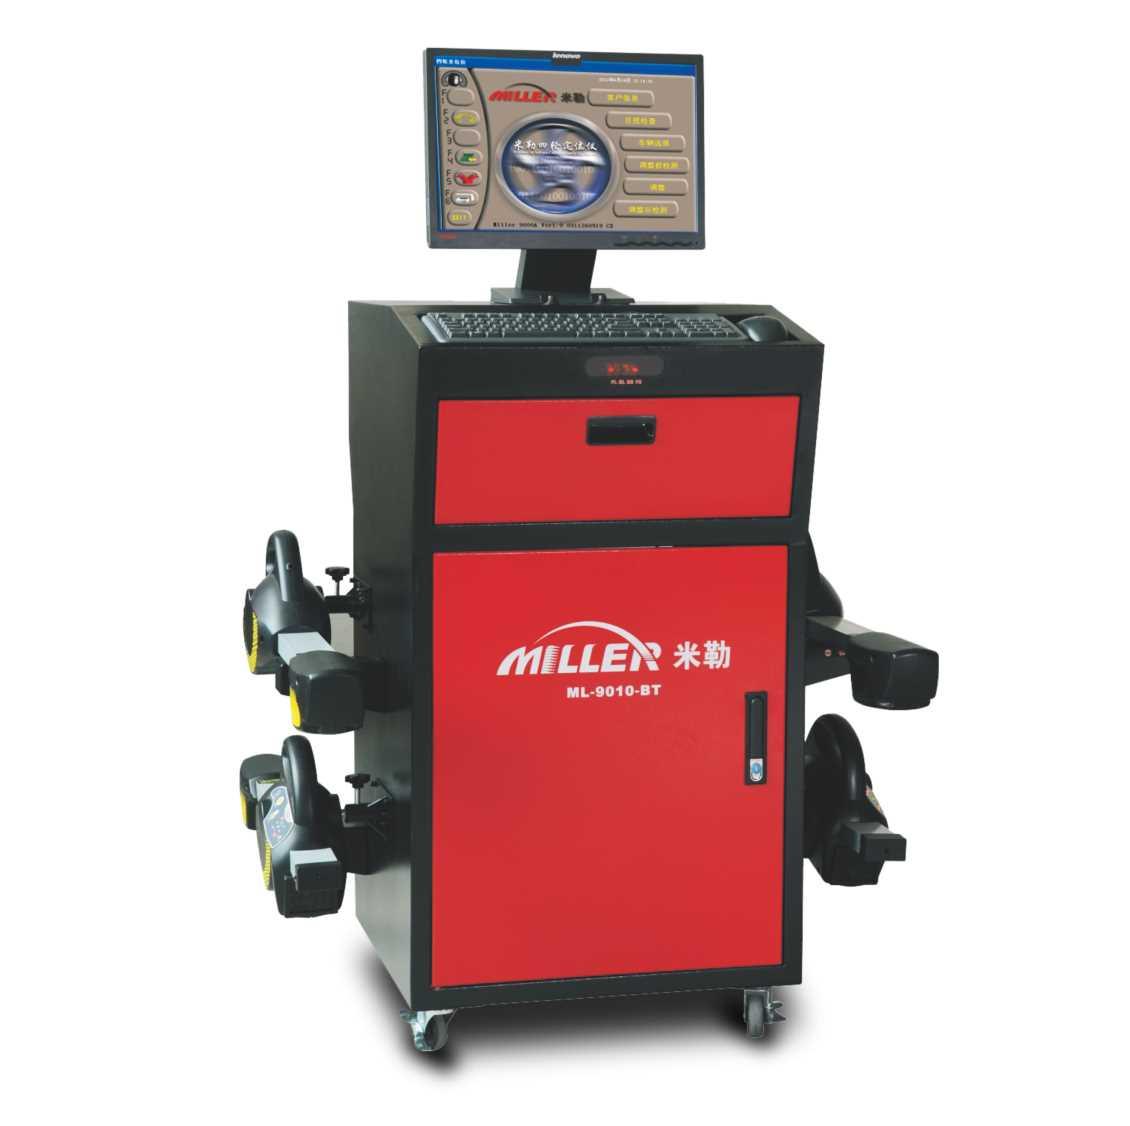 蓝牙CCD定位仪 ML-9010-BT